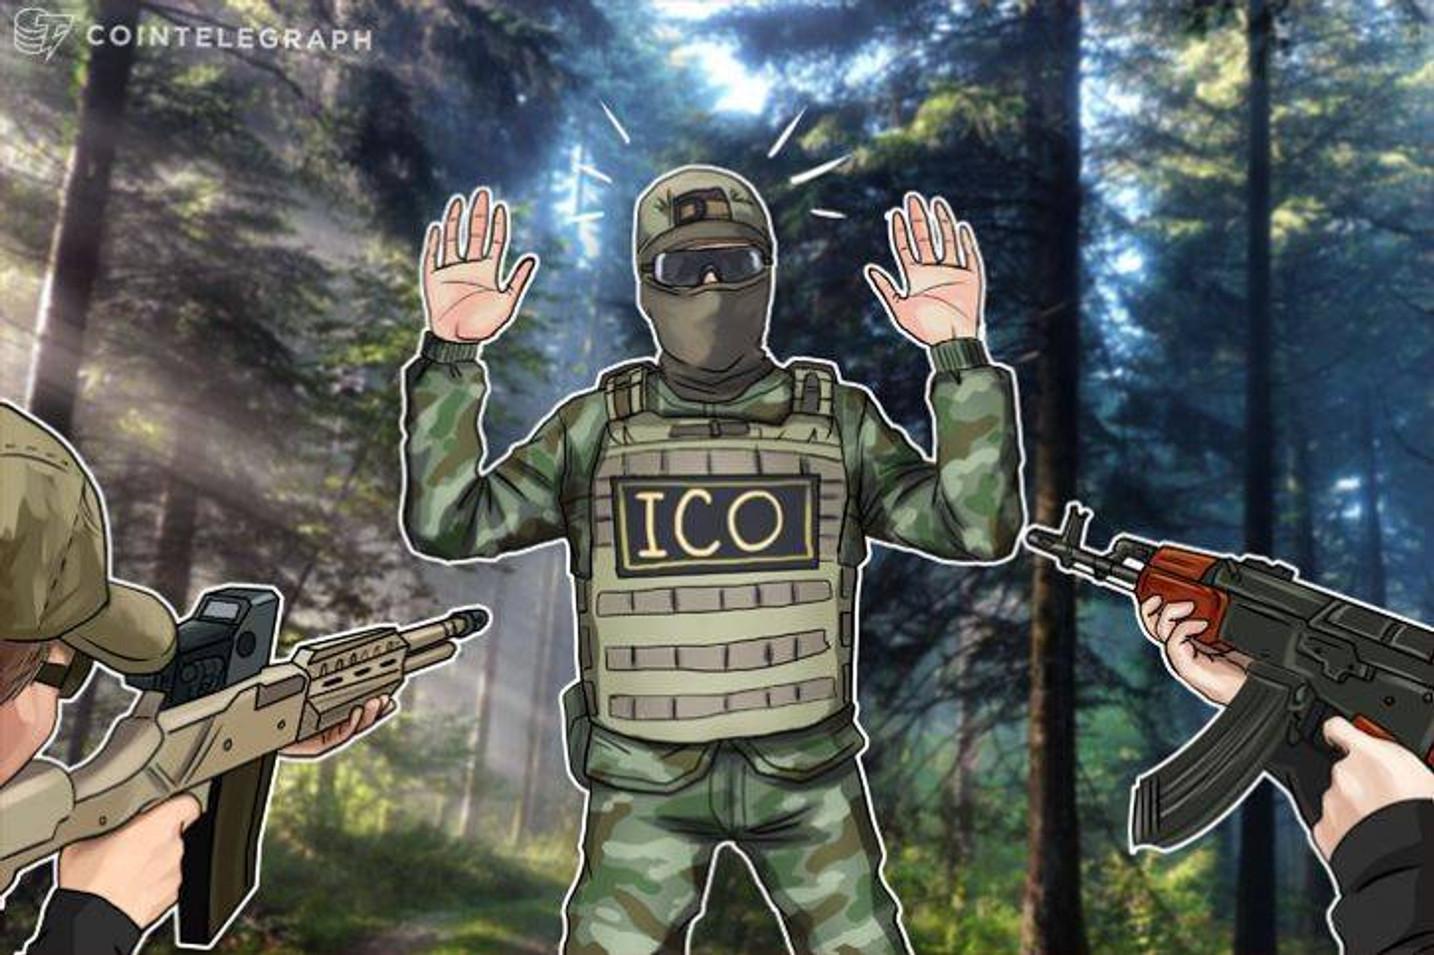 Colorado arremete contra duas empresas por promoção ilegal de ICO